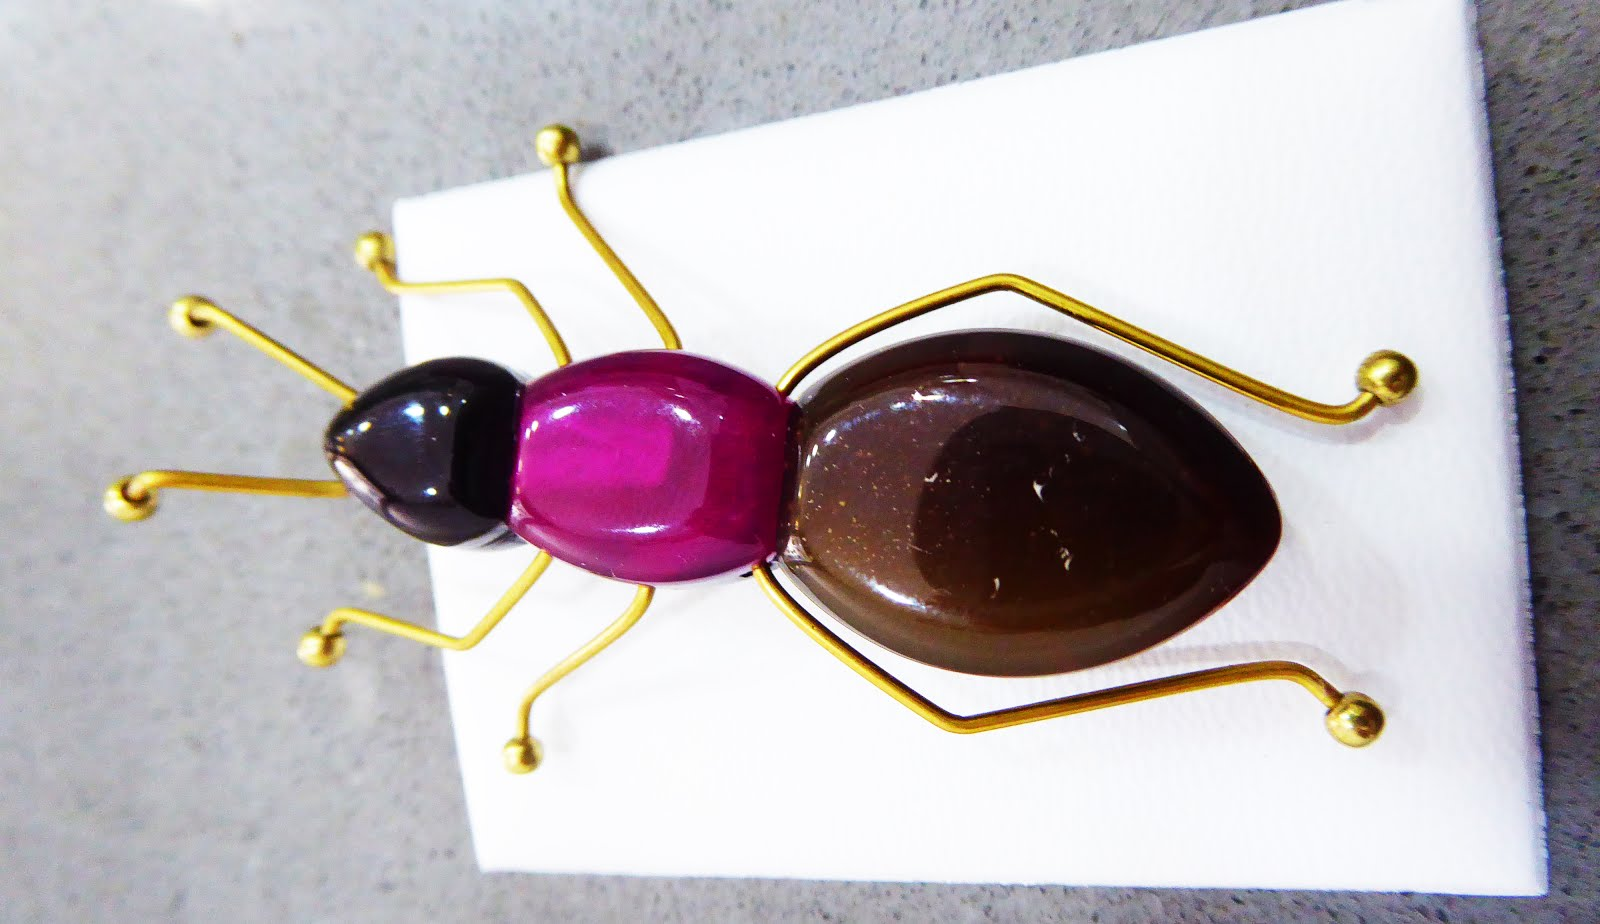 Broche de bisutería con forma de hormiga